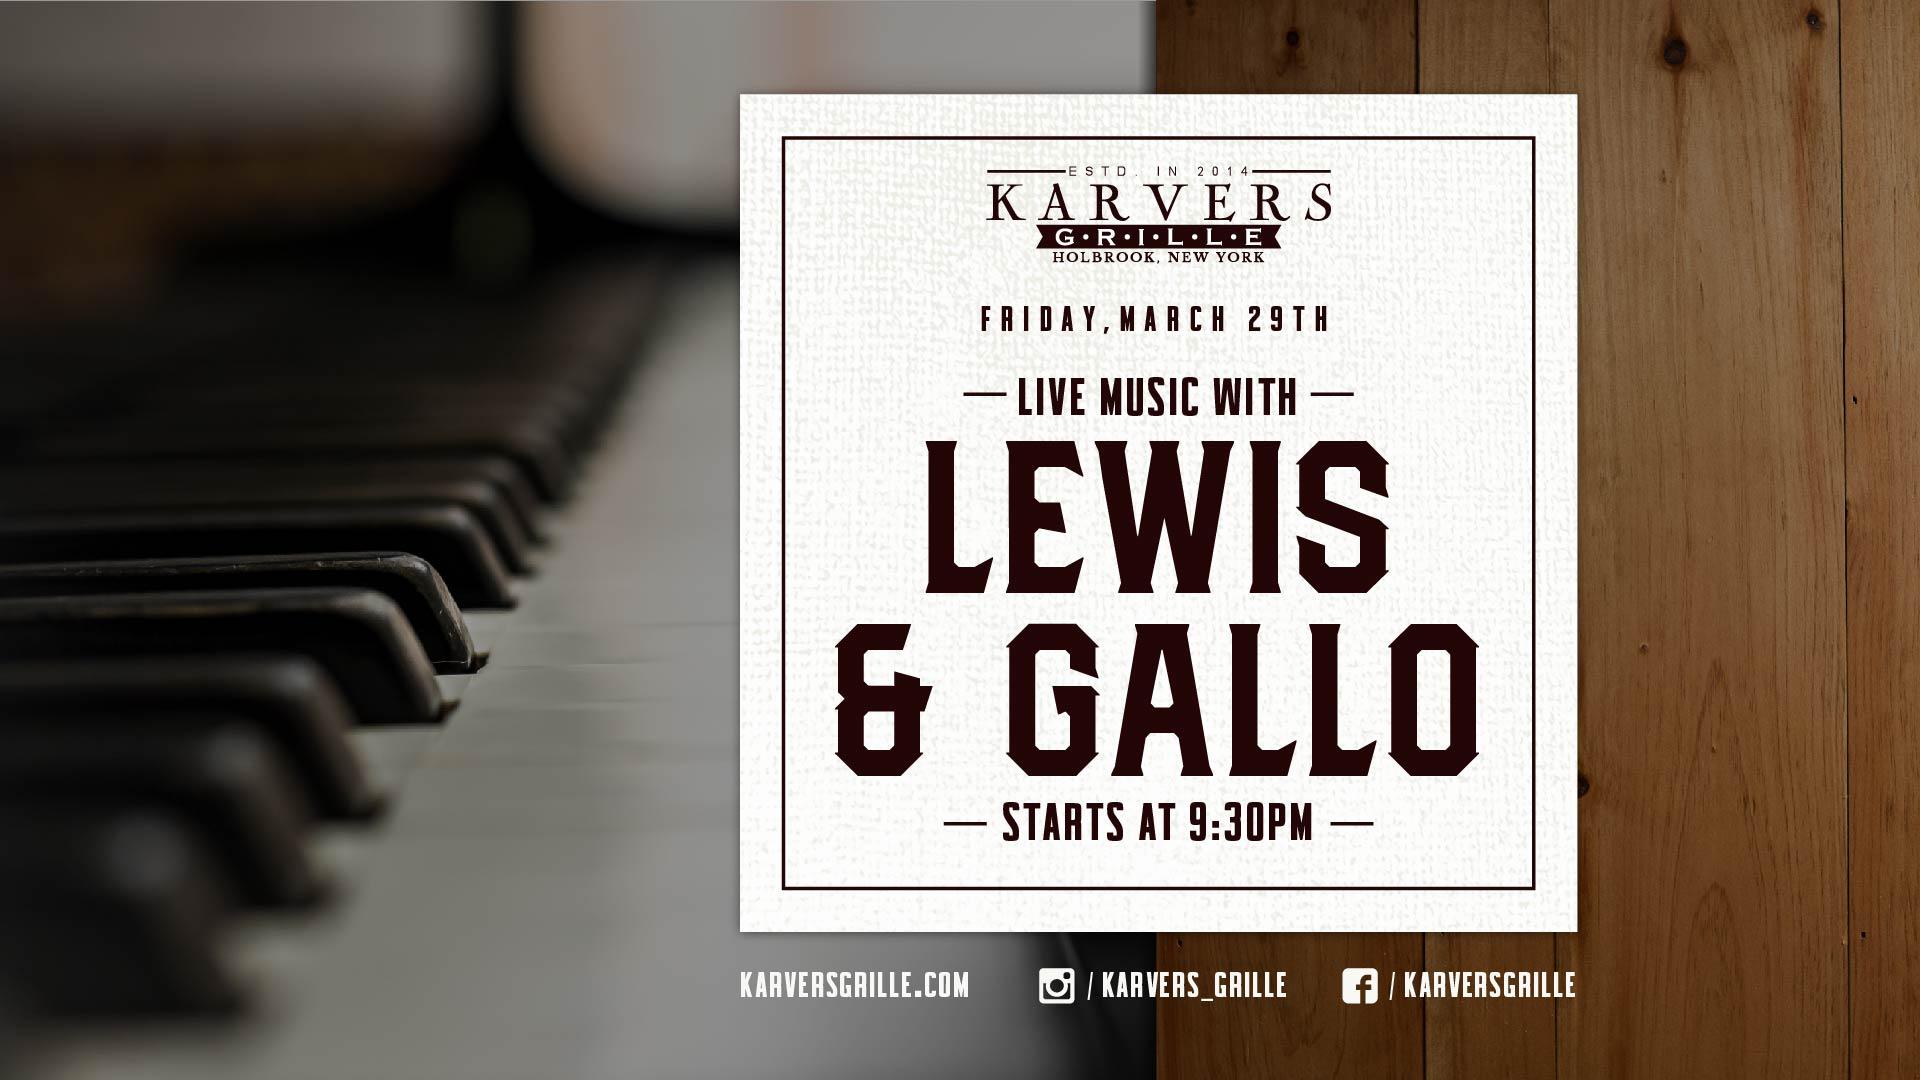 Lewis & Gallo